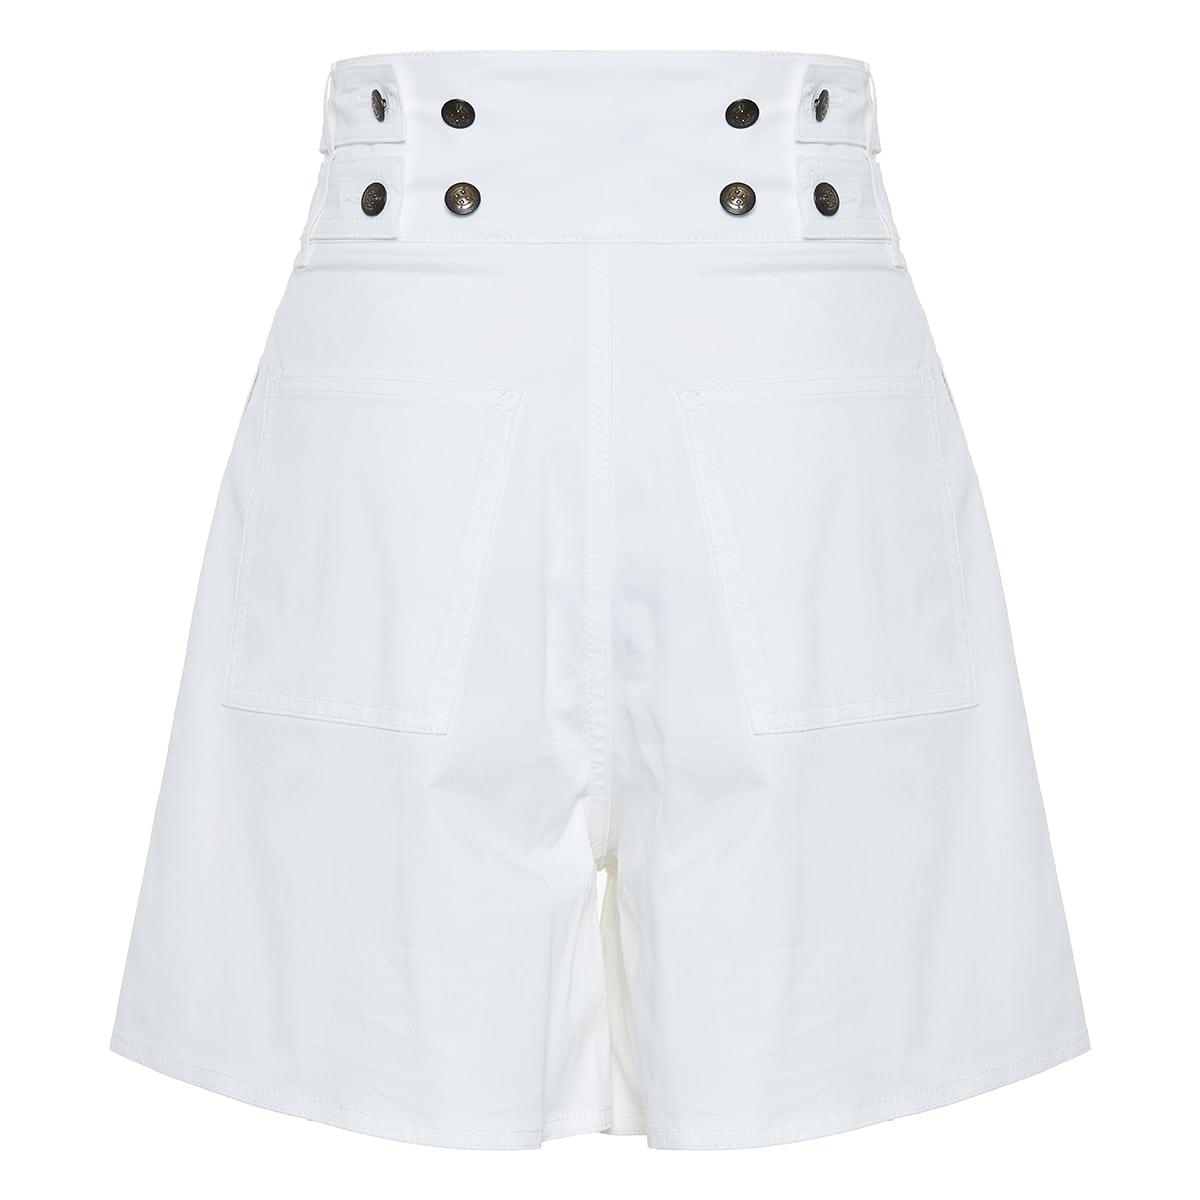 High-waist flared shorts